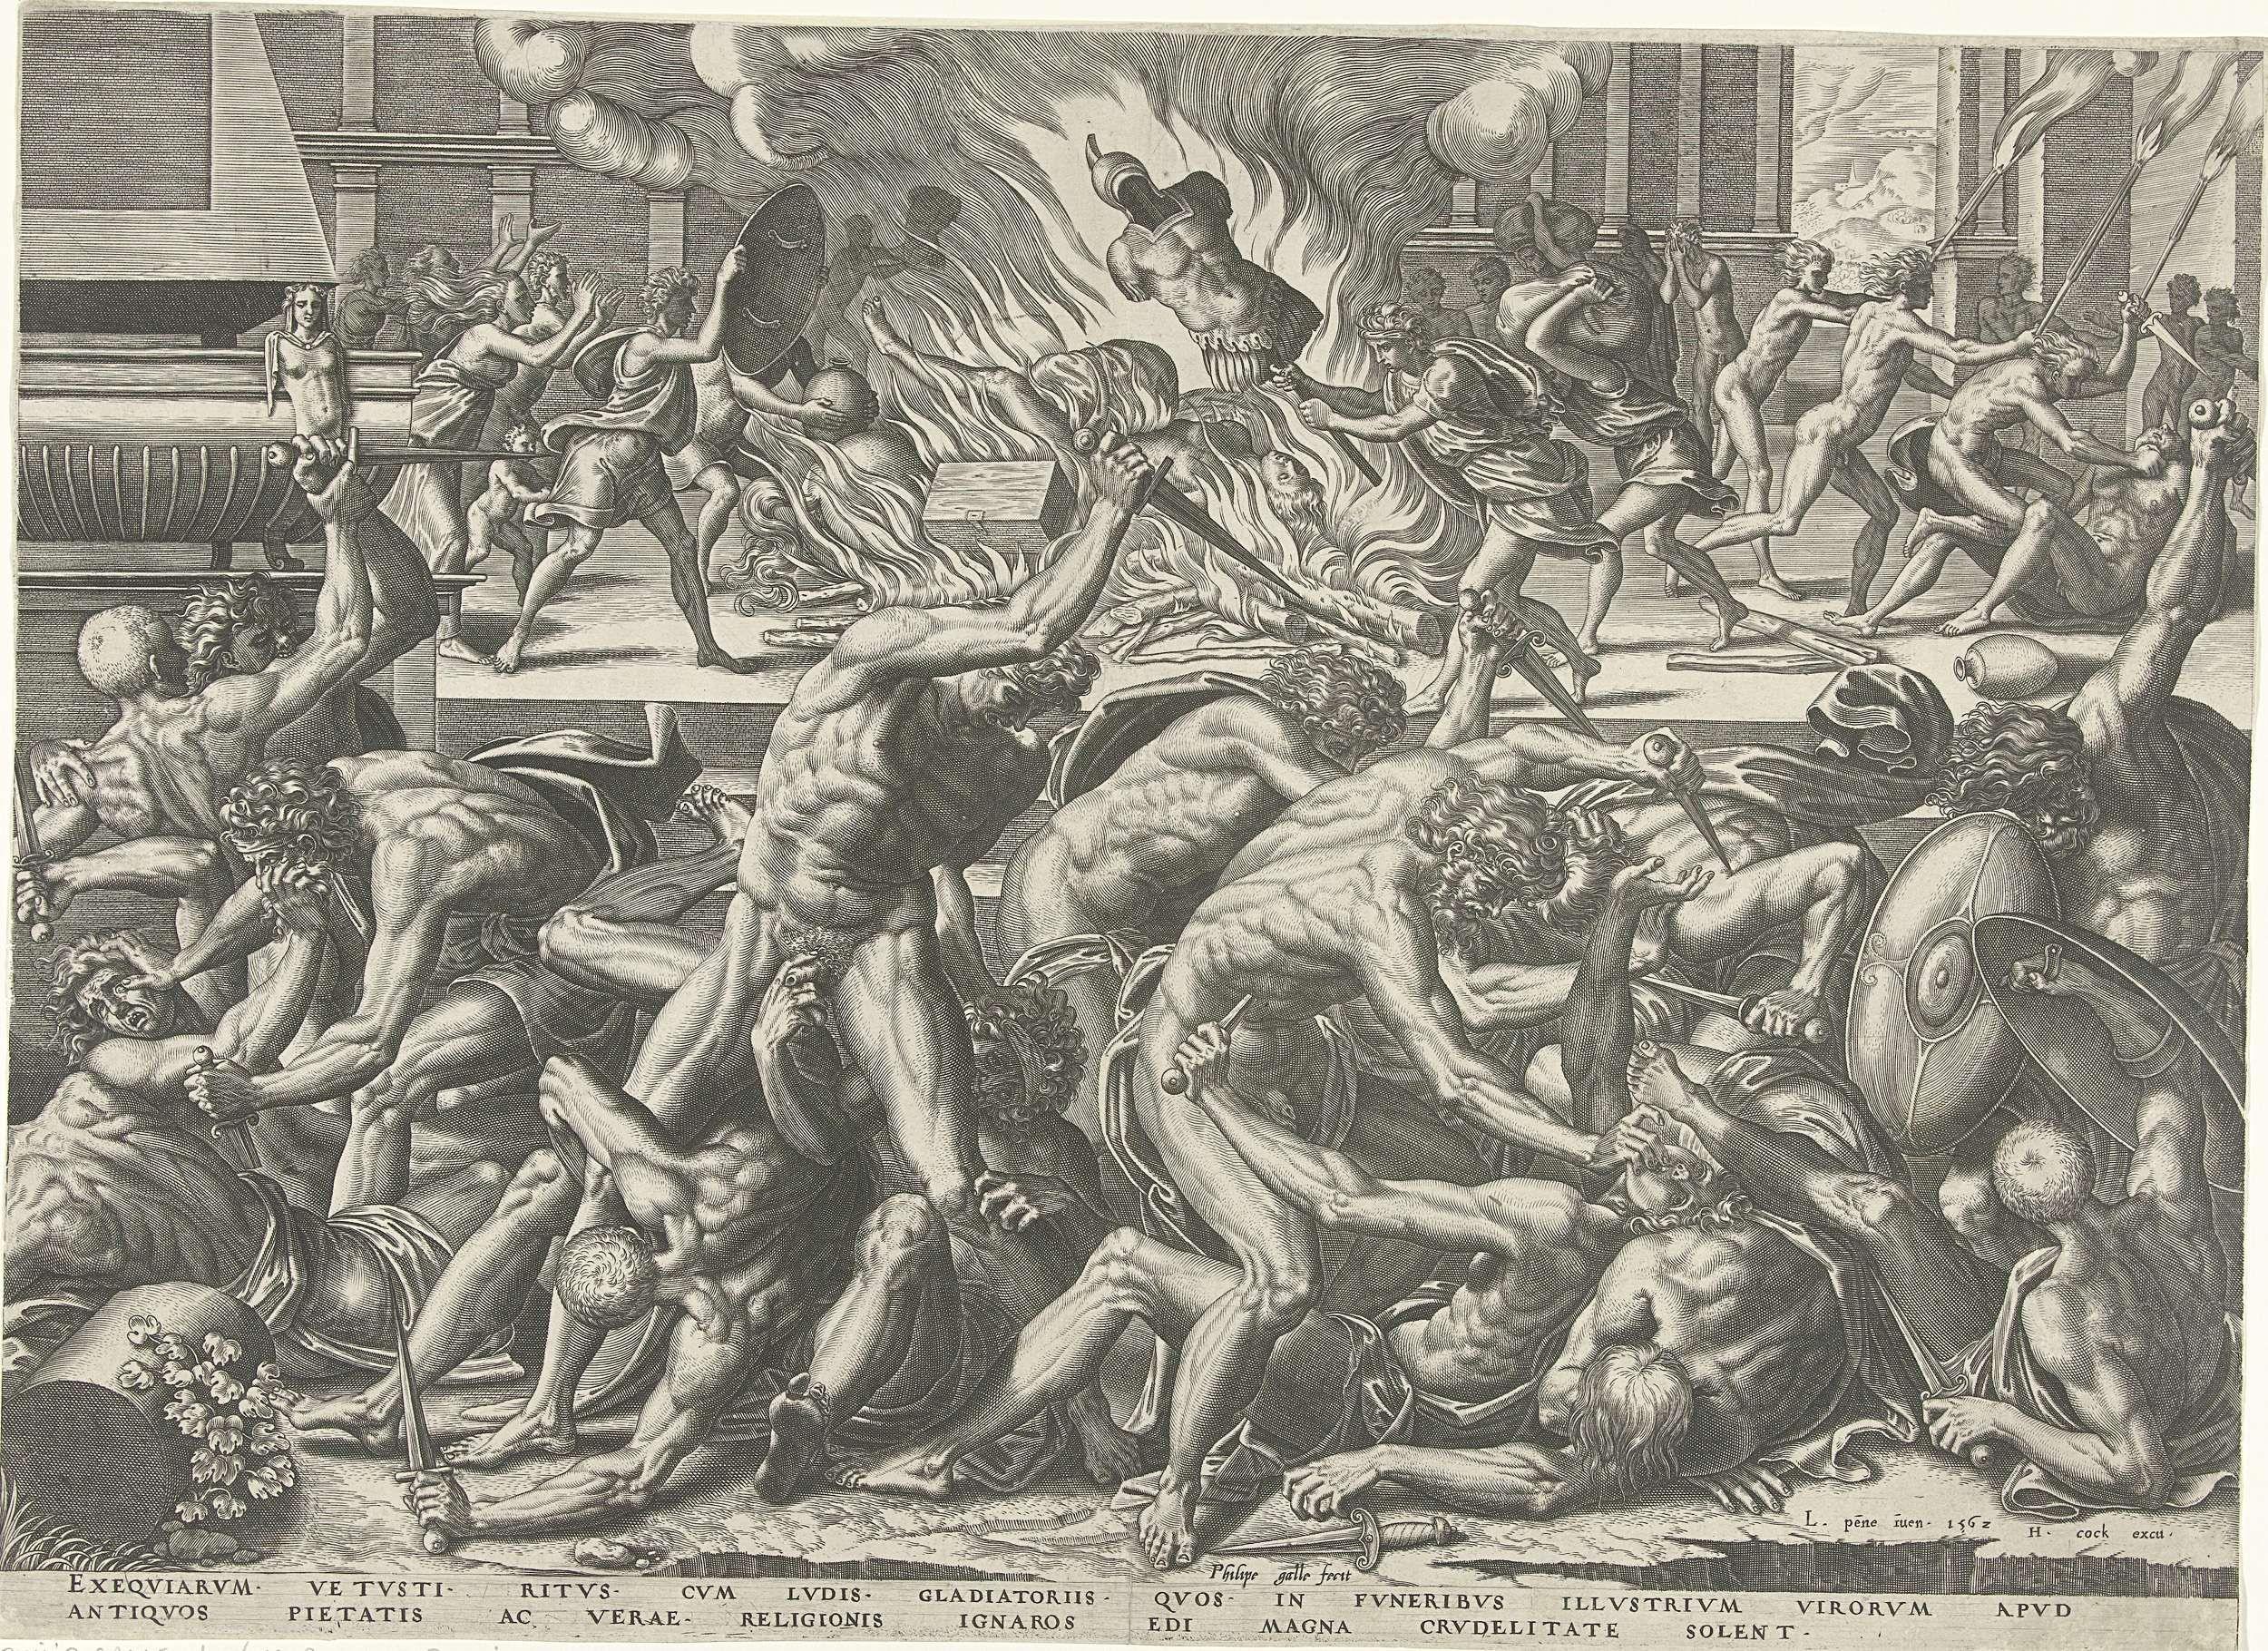 Philips Galle   Gevecht van gladiatoren, Philips Galle, Hieronymus Cock, 1562   Naakte gladiatoren vechten tot de dood. In de achtergrond wordt een gestorven gladiator ritueel verbrand. Zijn lijk en zijn bezittingen worden op een brandstapel gegooid. De prent heeft een Latijns onderschrift.